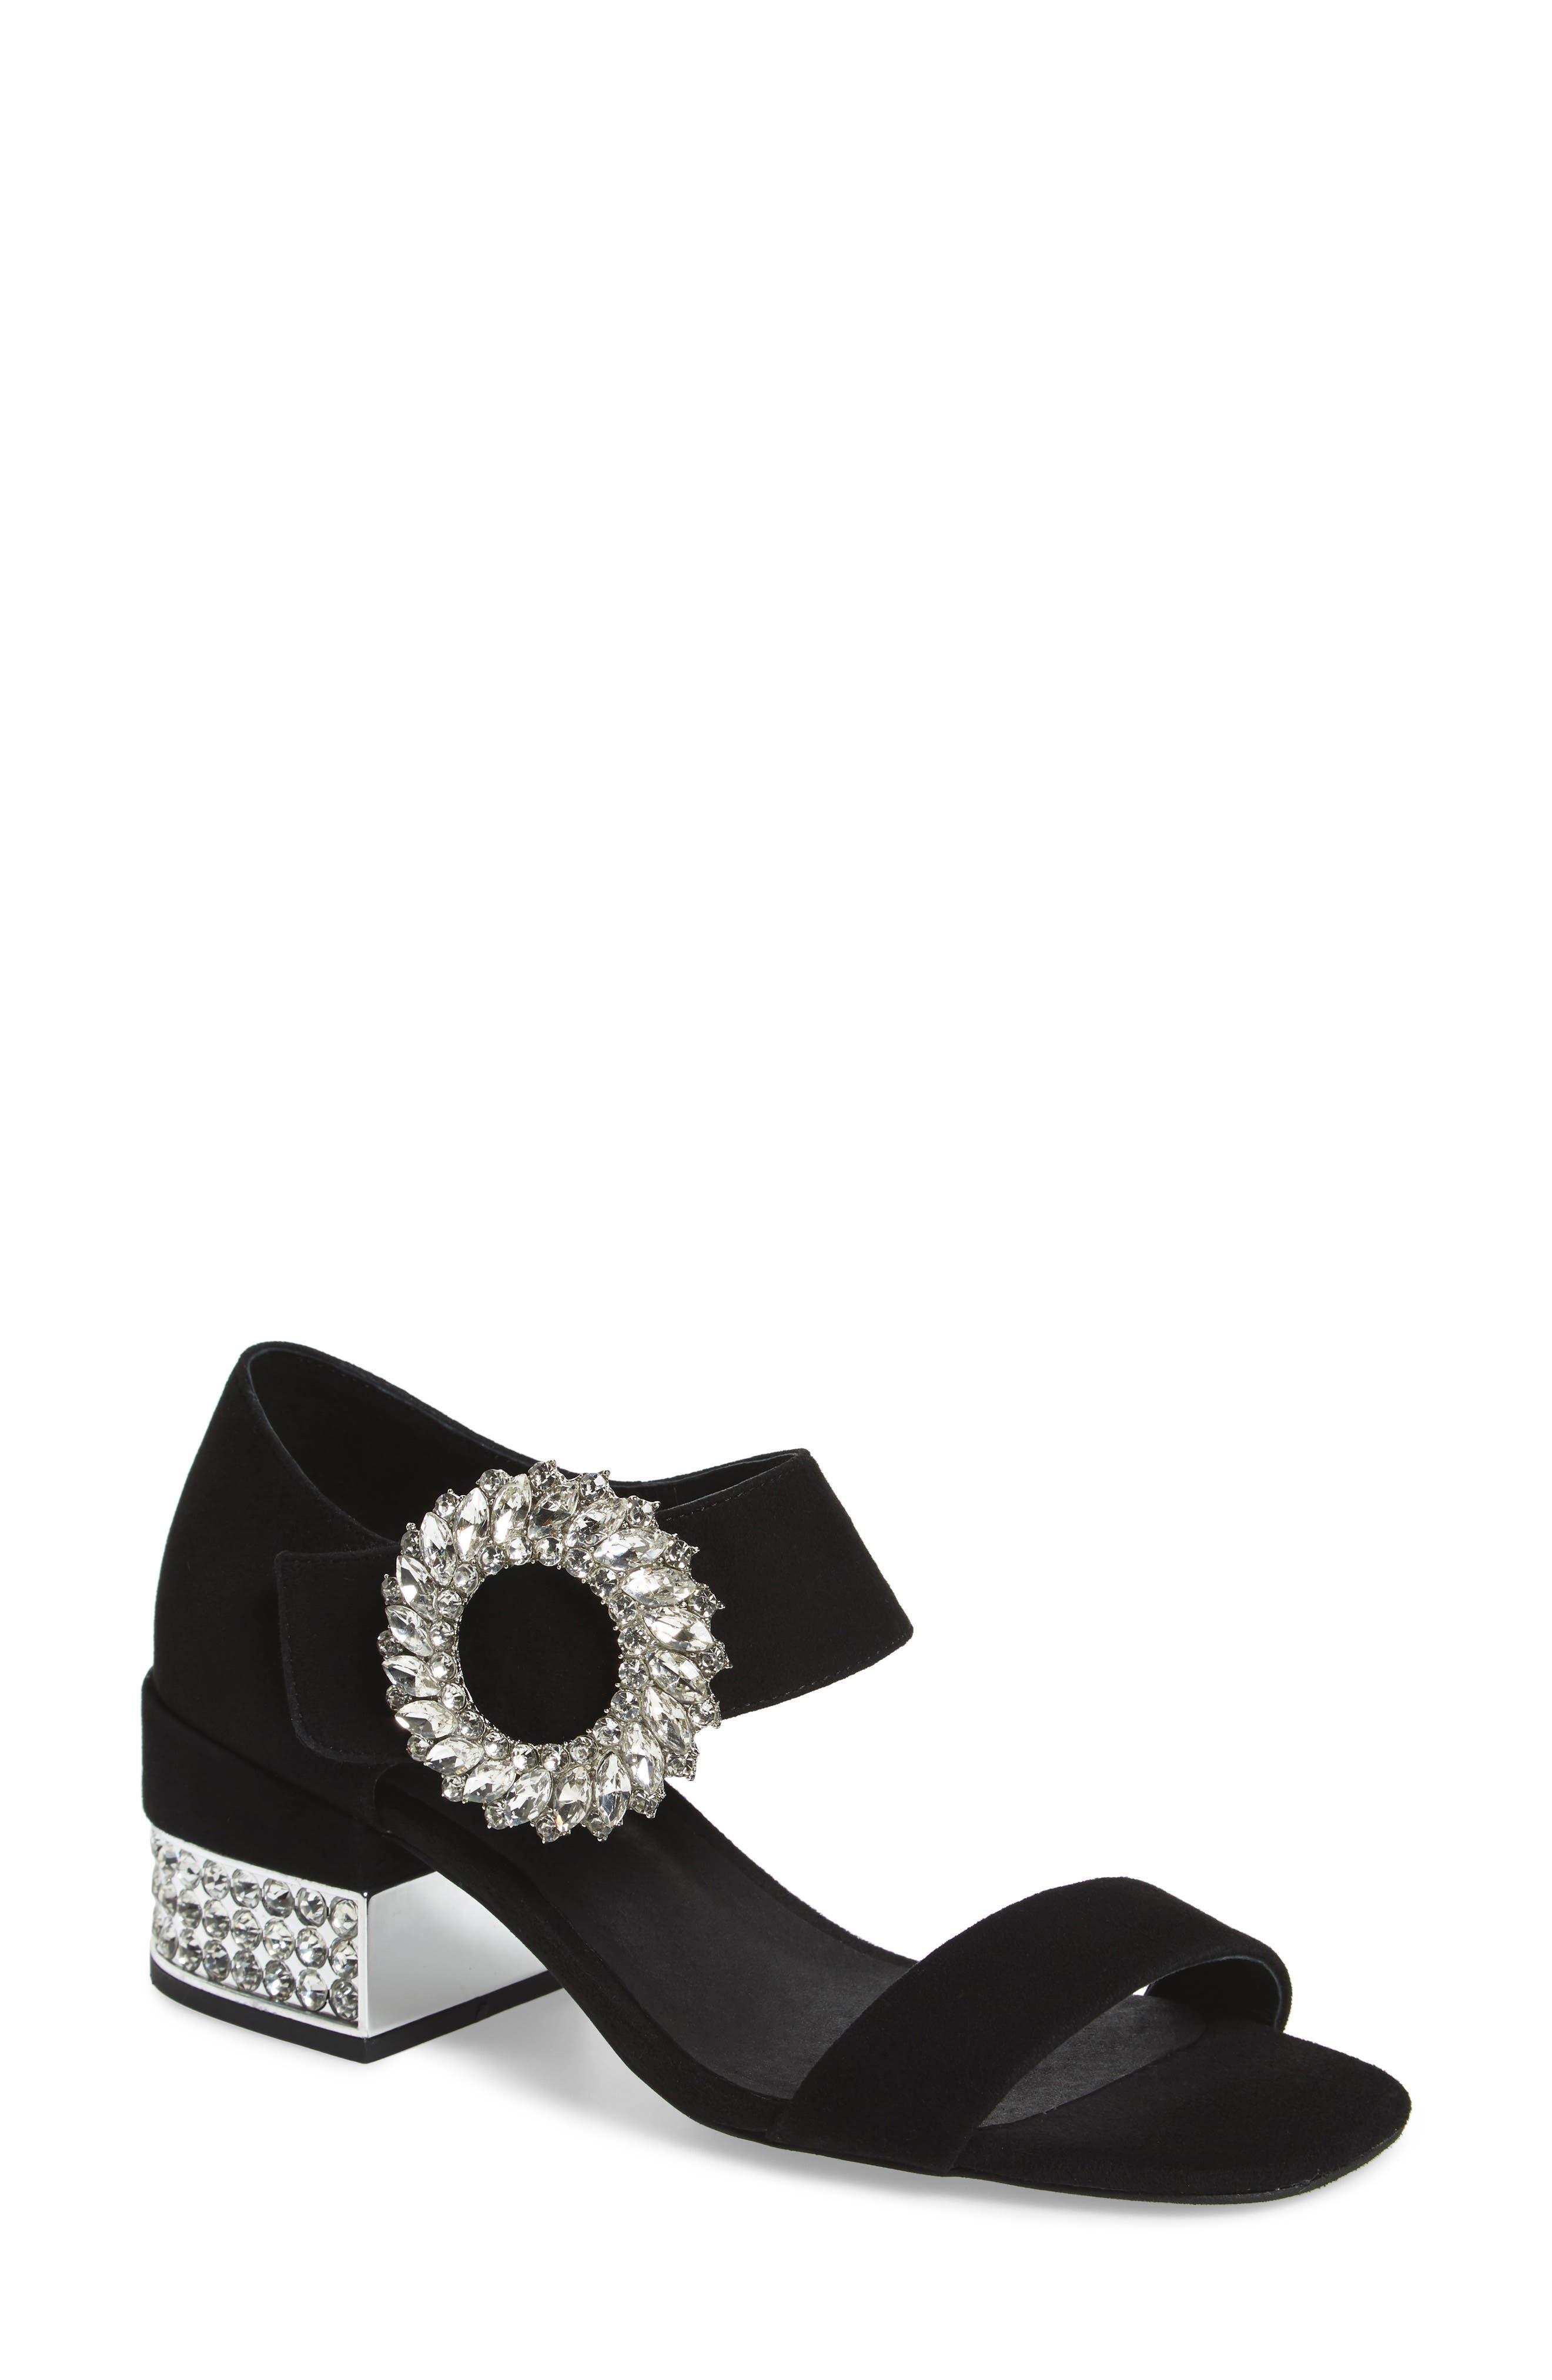 Kaylene Crystal Embellished Sandal,                             Main thumbnail 1, color,                             Black/ Silver Suede